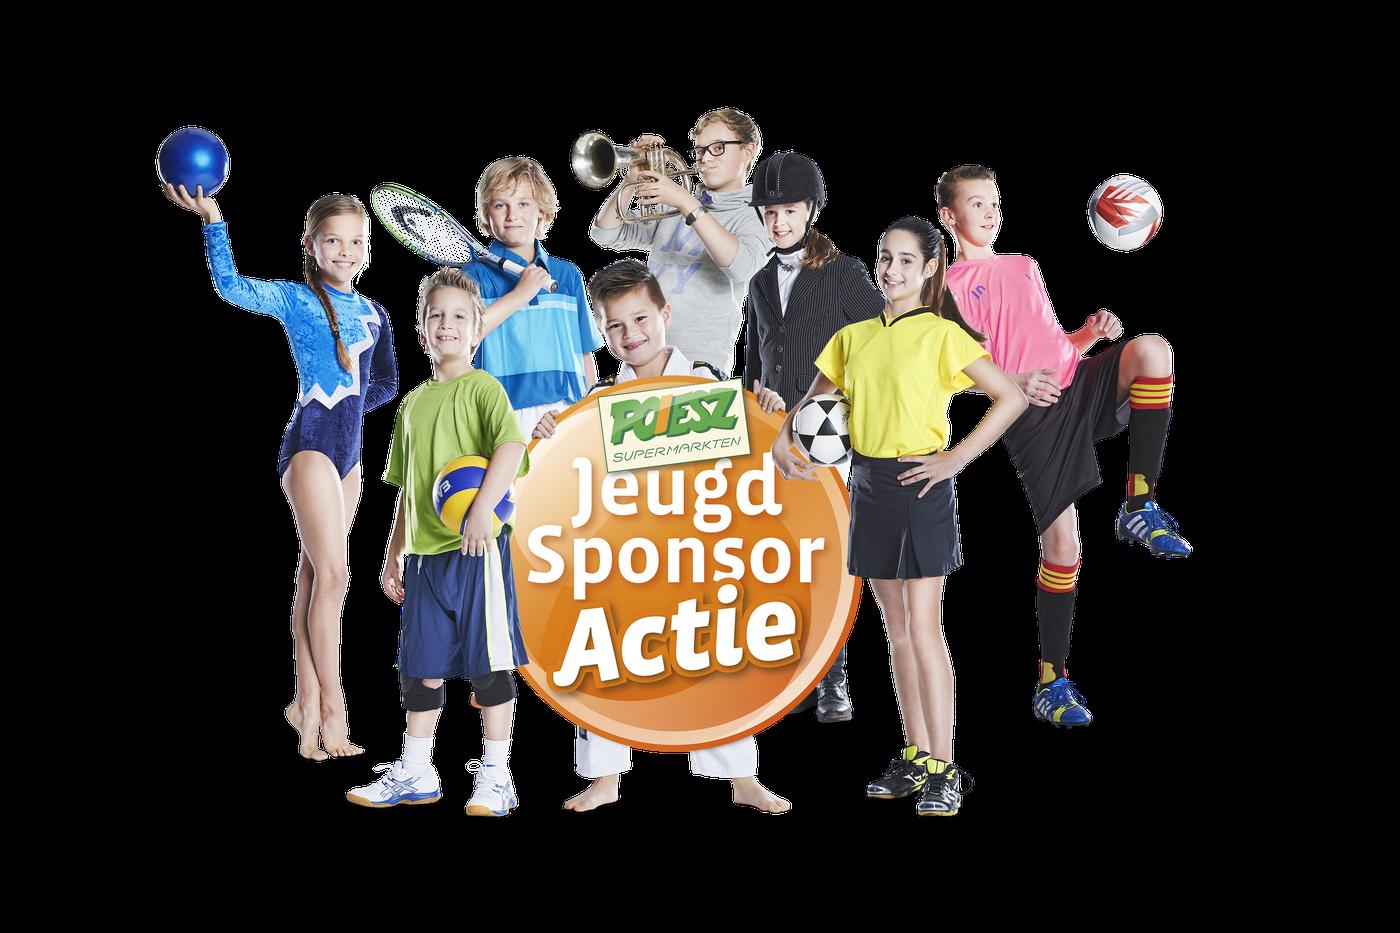 Spaar Jeugd Sponsor Munten voor onze club!